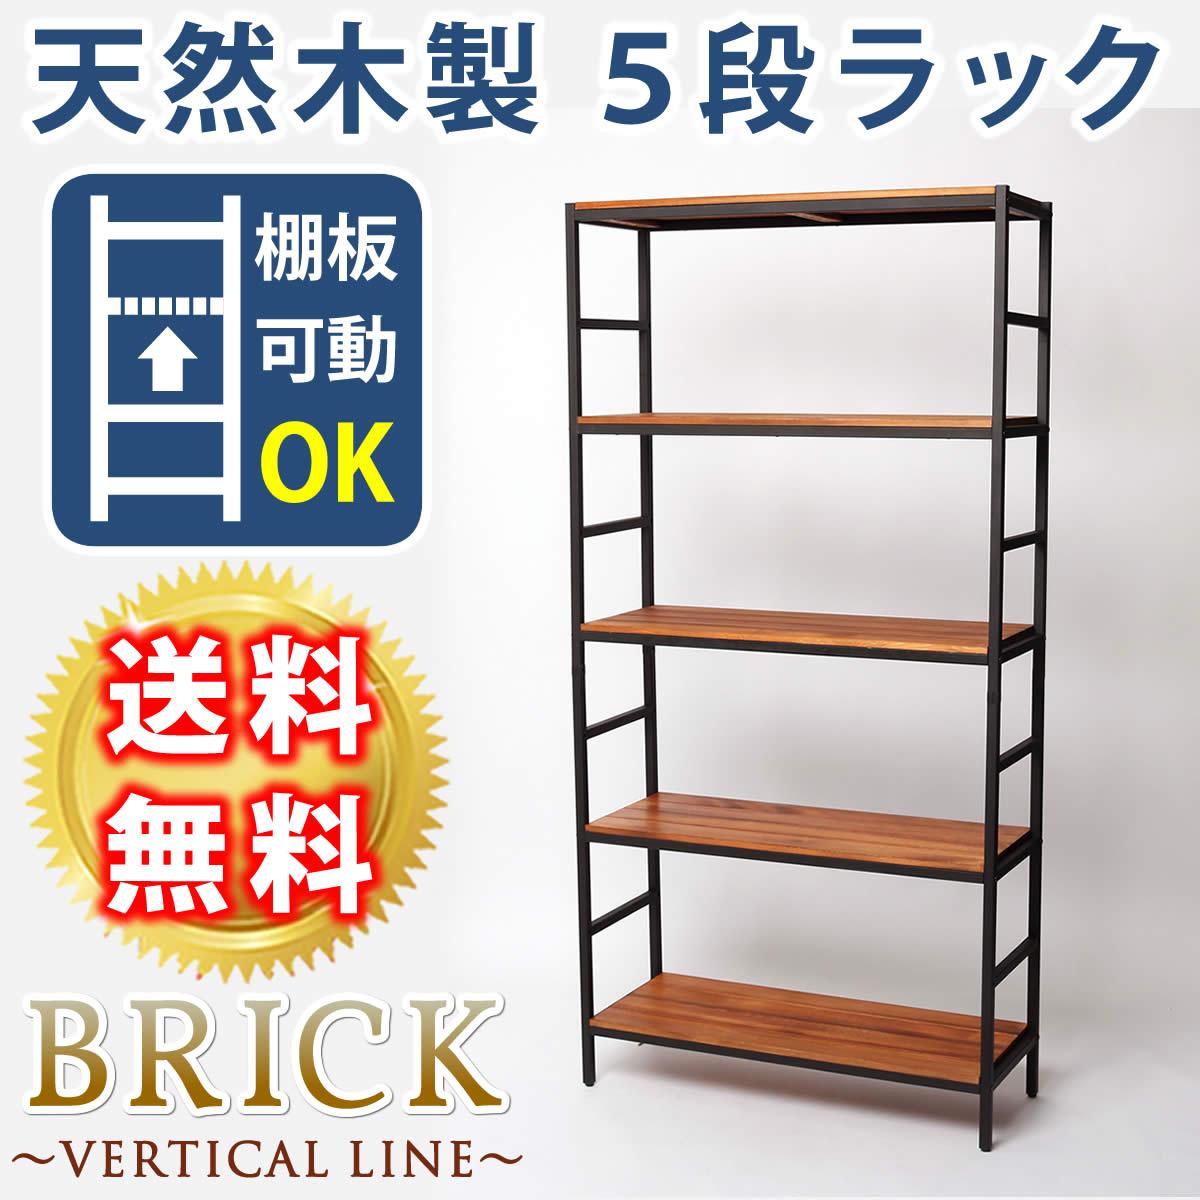 BRICK(ブリック) 5段タイプ 86×32×175 送料無料 簡単組立 5段 アンティーク モダン ナチュラル オイル ミッドセンチュリー ウッド スタイリッシュ シンプル シェルフ ラック ハンガー インテリア 家具 天然 おしゃれ